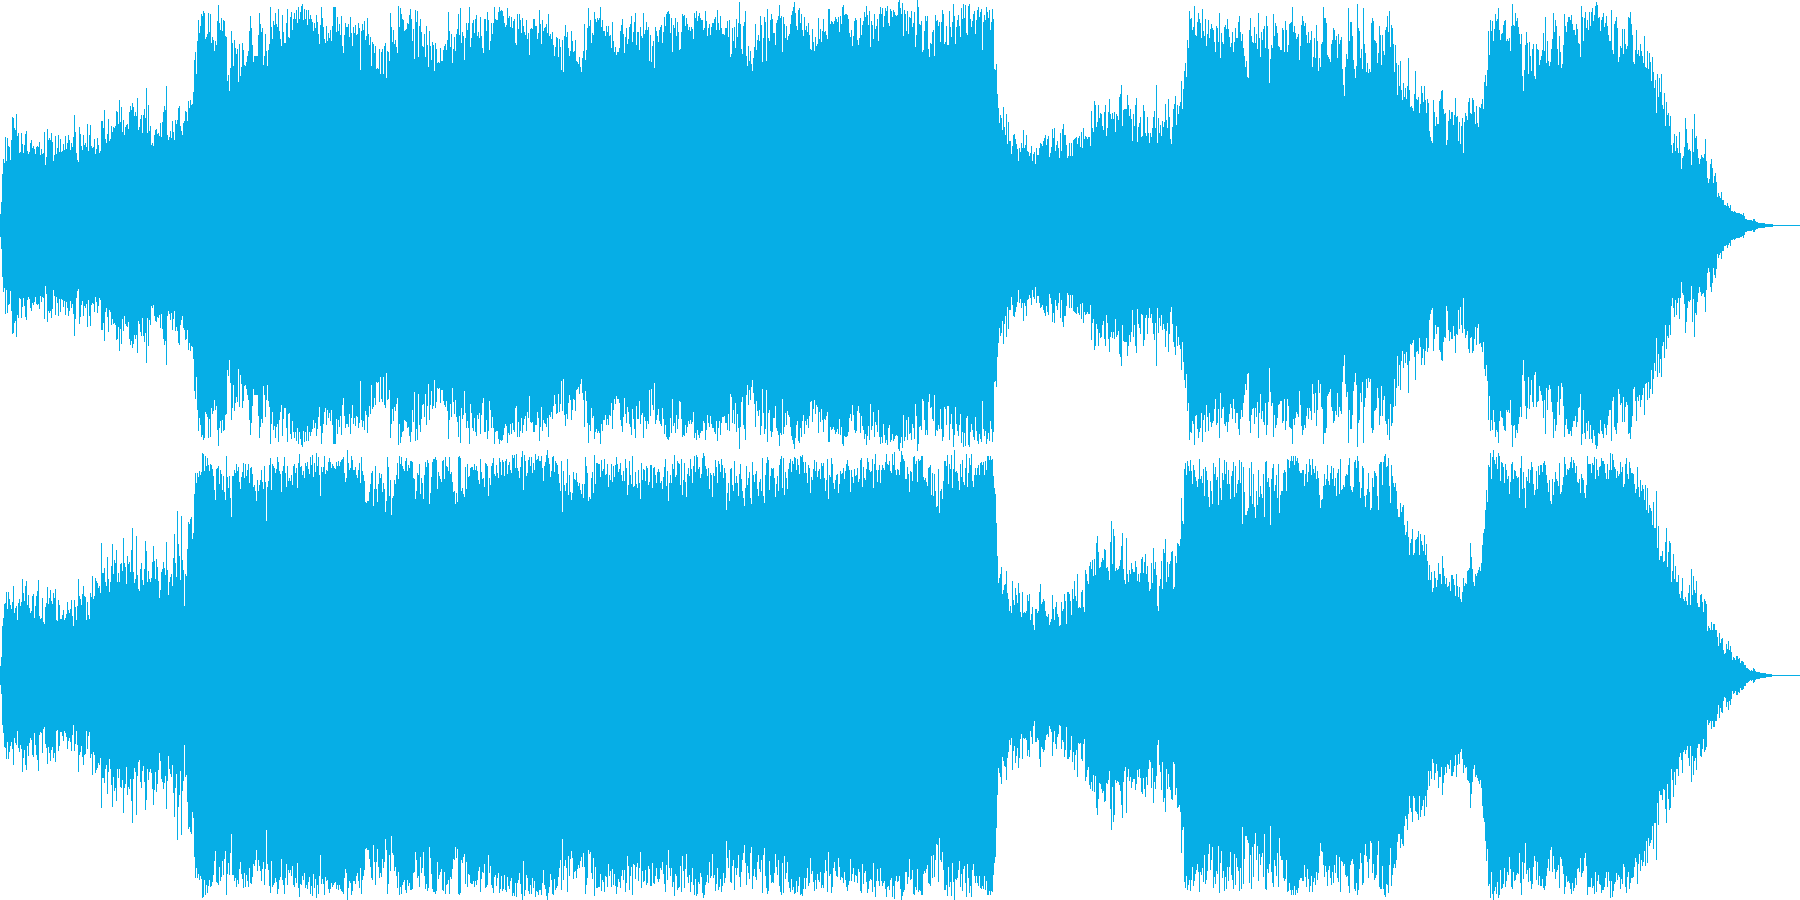 ボス バトル オーケストラの再生済みの波形